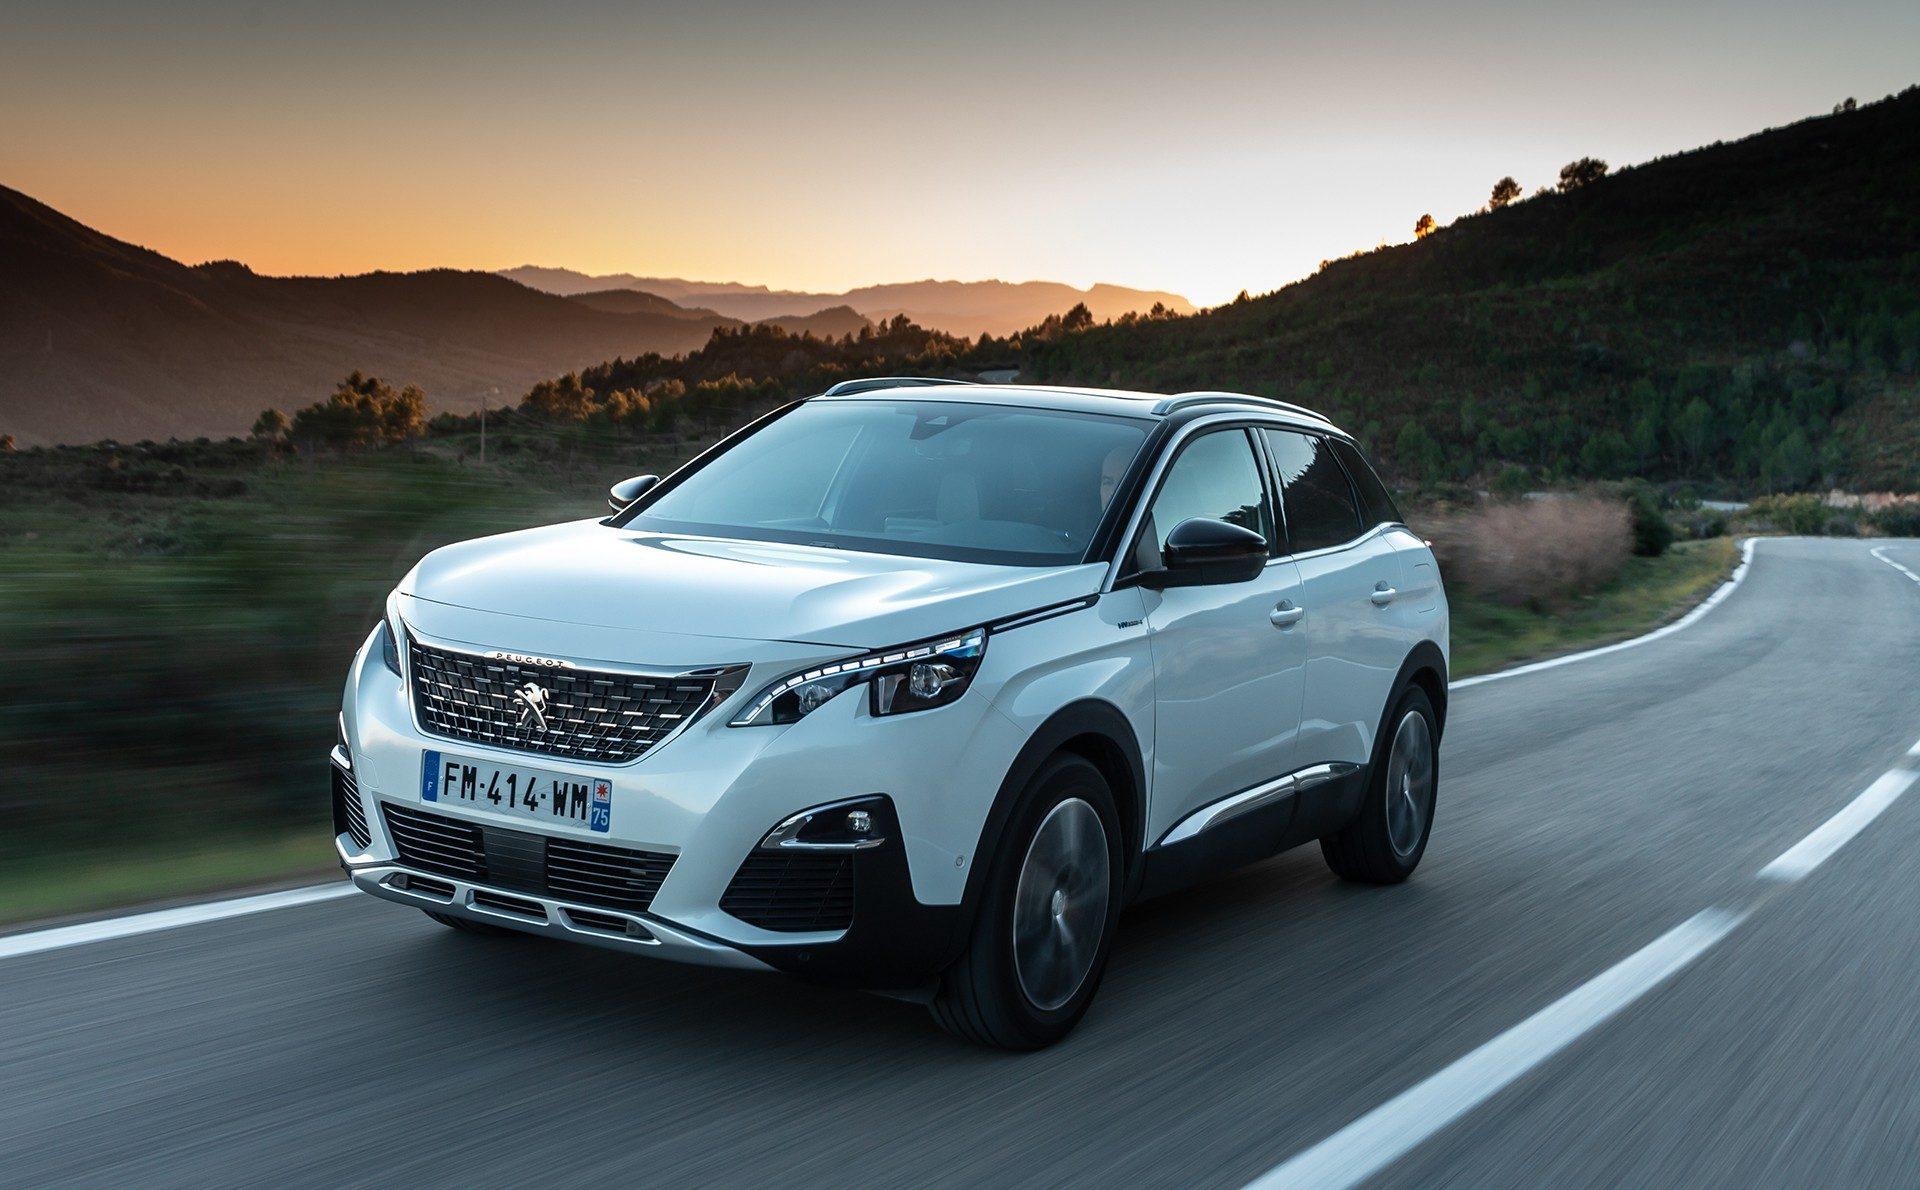 Les ventes de voitures électriques et hybrides en forte hausse